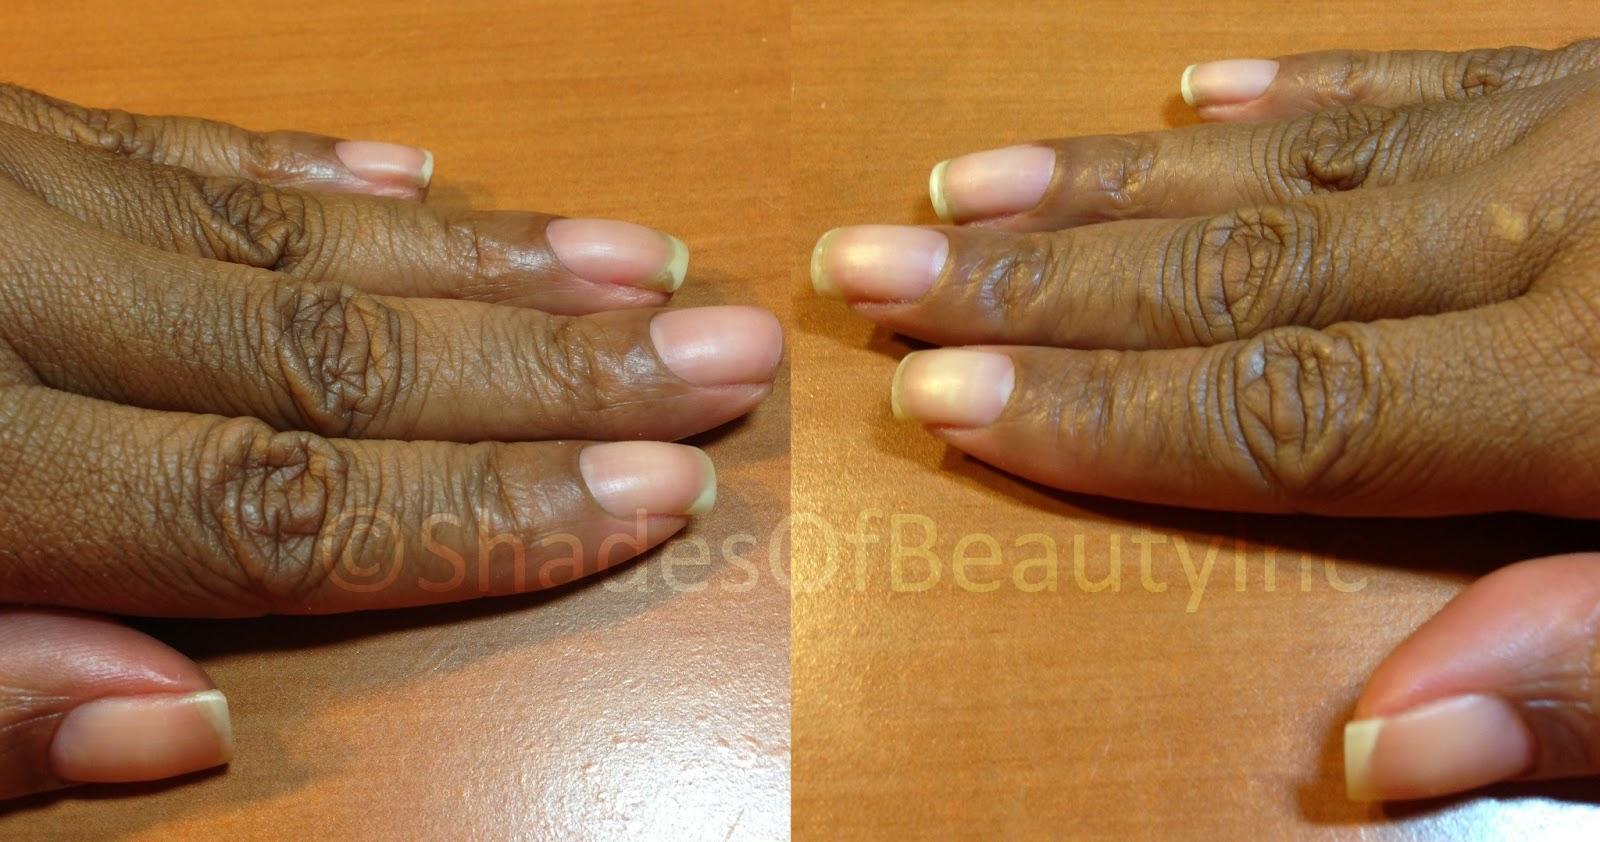 Shades of Beauty, Inc.: SERIES: Big Chop...No, not my hair...